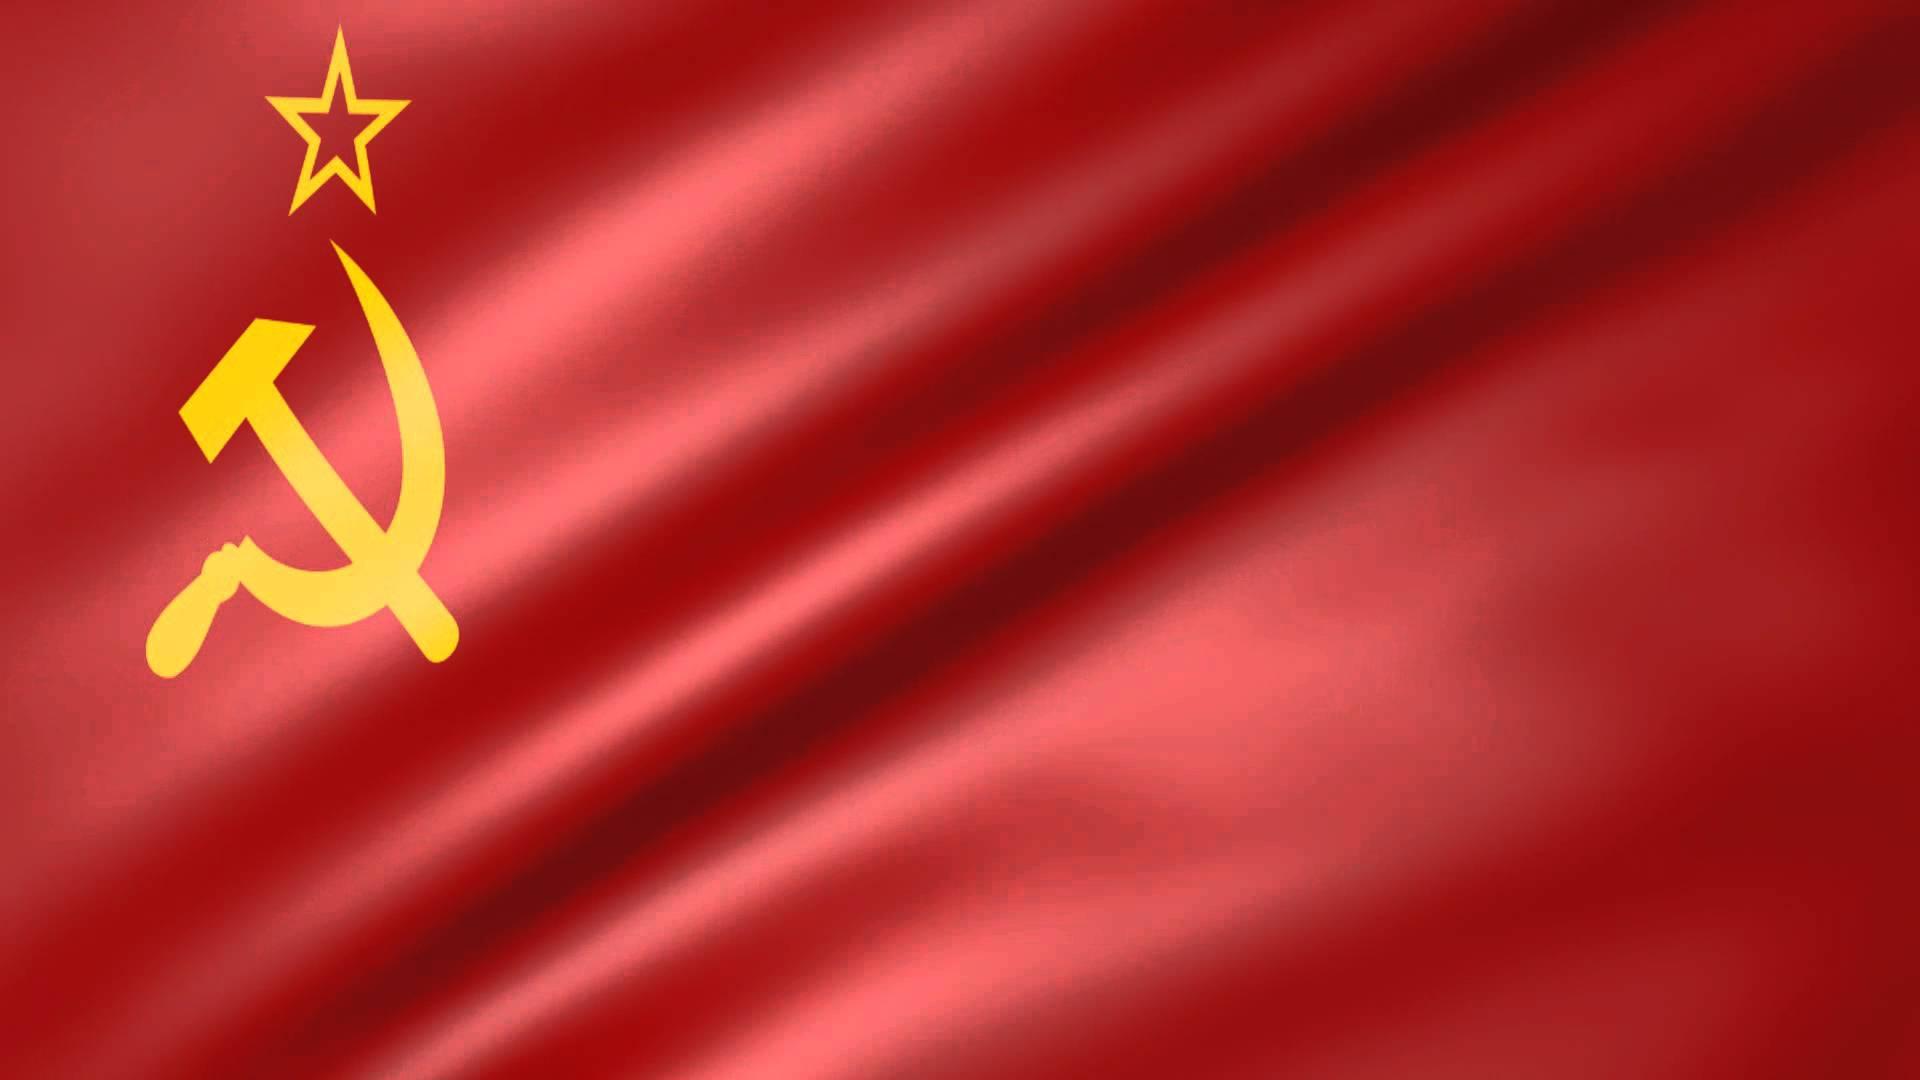 Ussr Flag Ww2 Horrors of Comm...